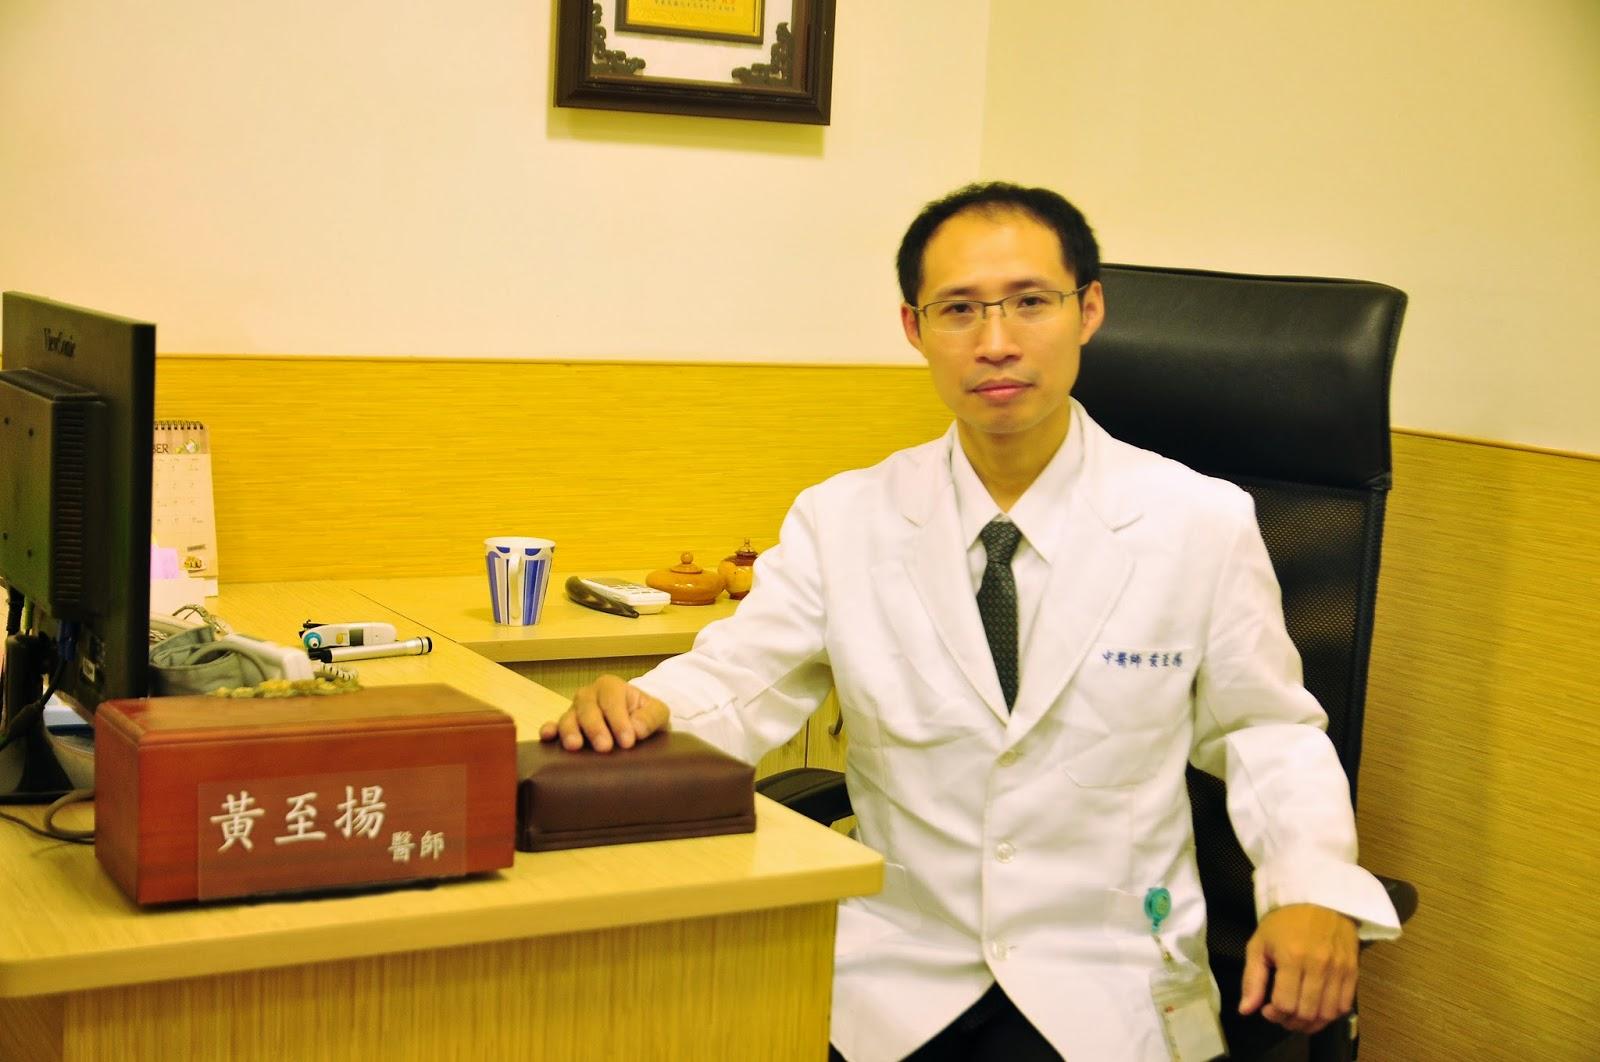 至真中醫診所: 十一月 2010